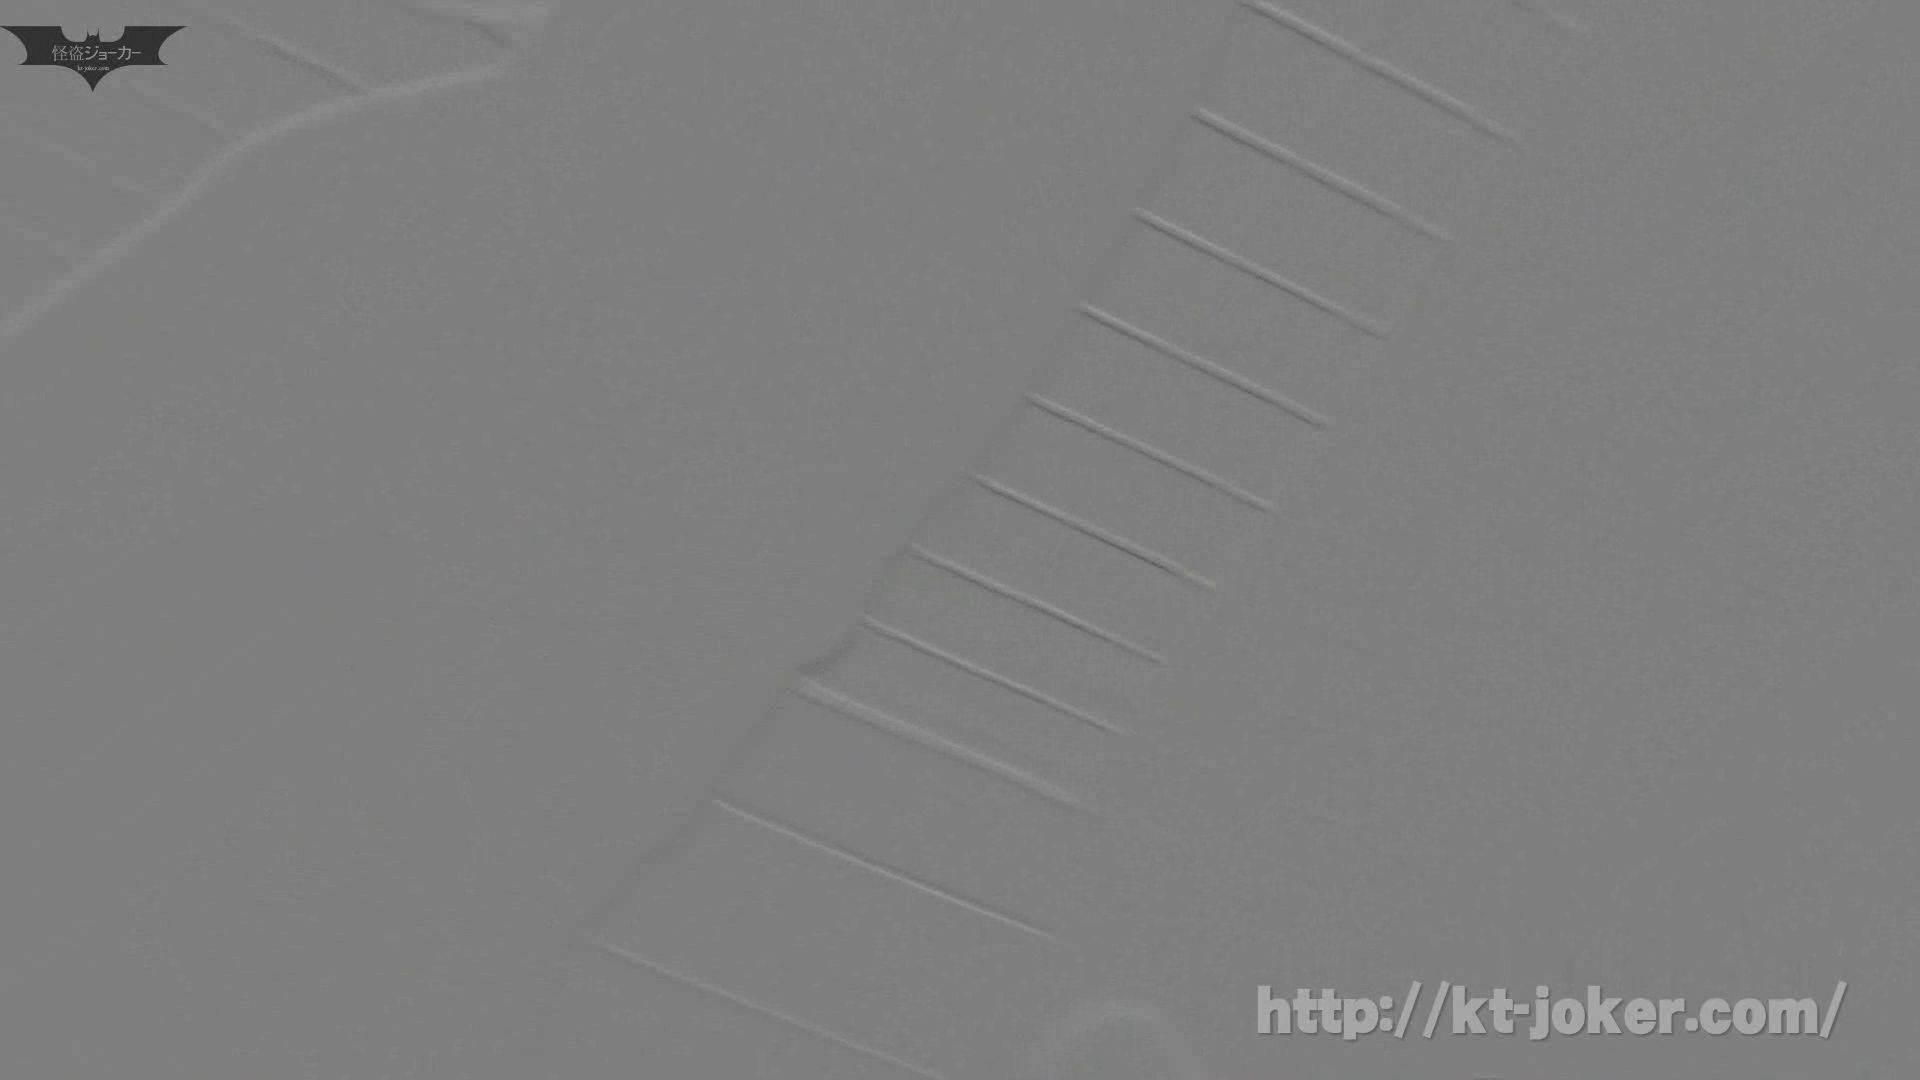 命がけ潜伏洗面所! vol.56 ピンチ!!「鏡の前で祈る女性」にばれる危機 美しいOLの裸体 われめAV動画紹介 105pic 101